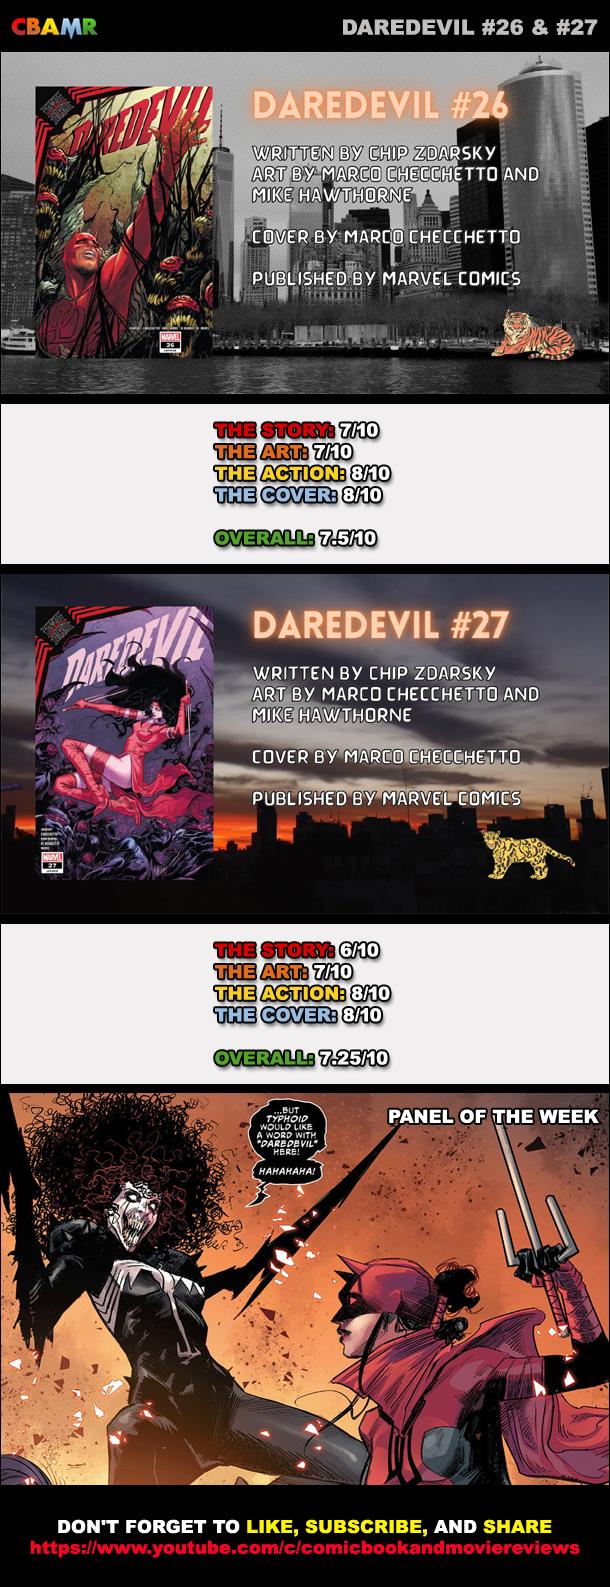 Daredevil 26 & 27